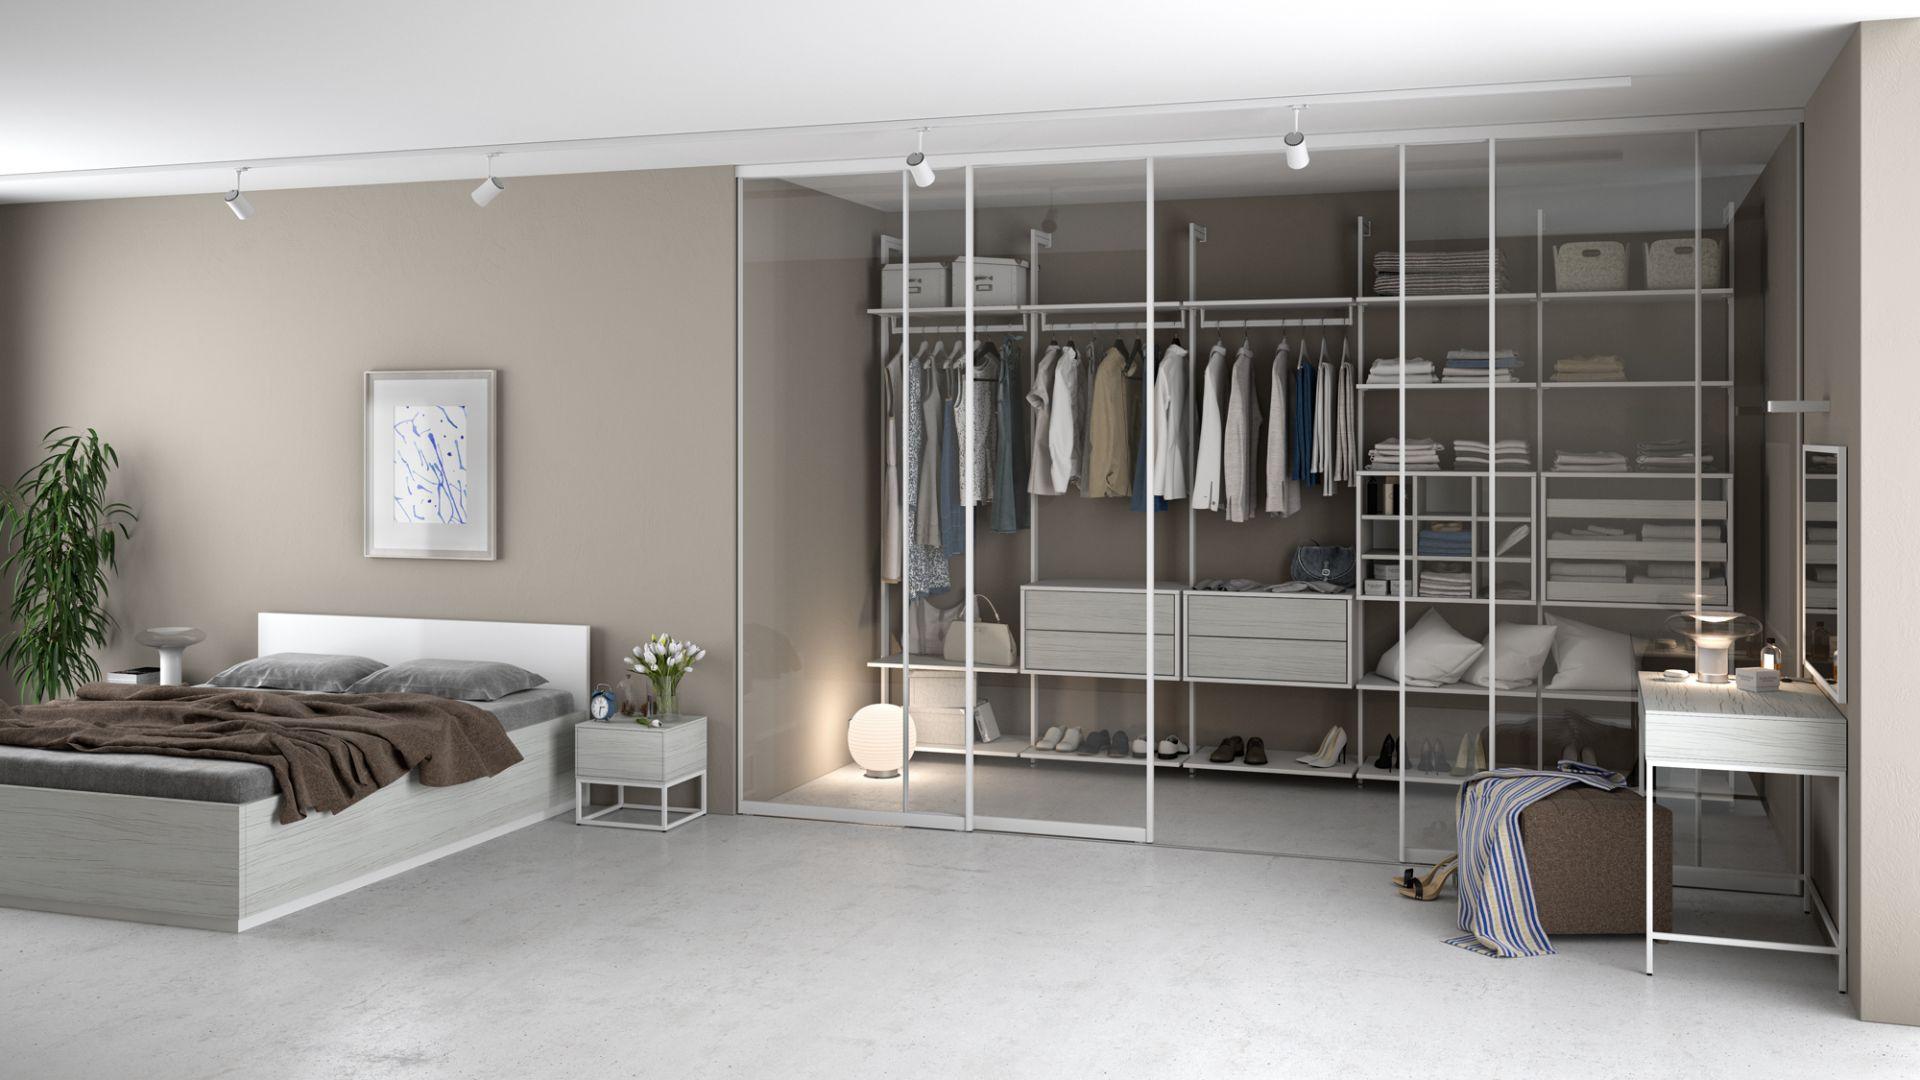 Komandor proponuje do takich wnętrz rozwiązania hybrydowe – połączenie szafy i garderoby, co pozwala optymalnie wykorzystać np. narożnik pokoju. Fot. Komandor